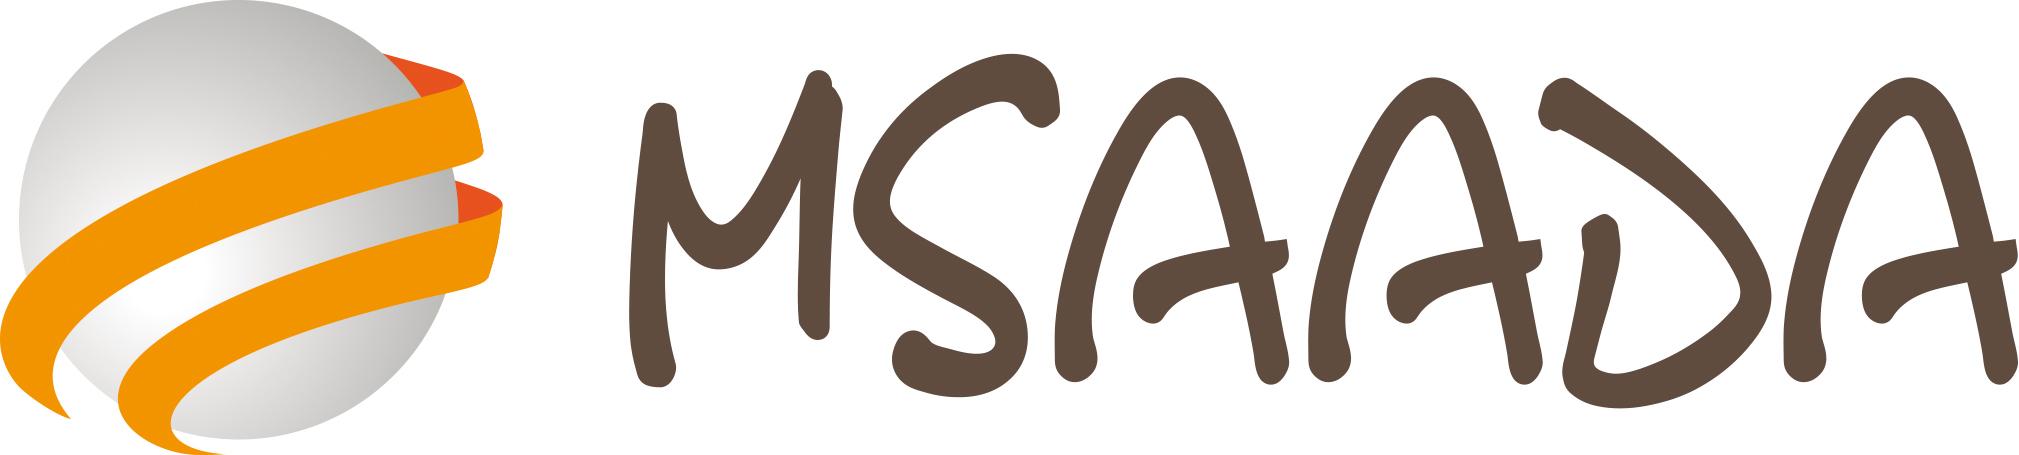 Association - Msaada